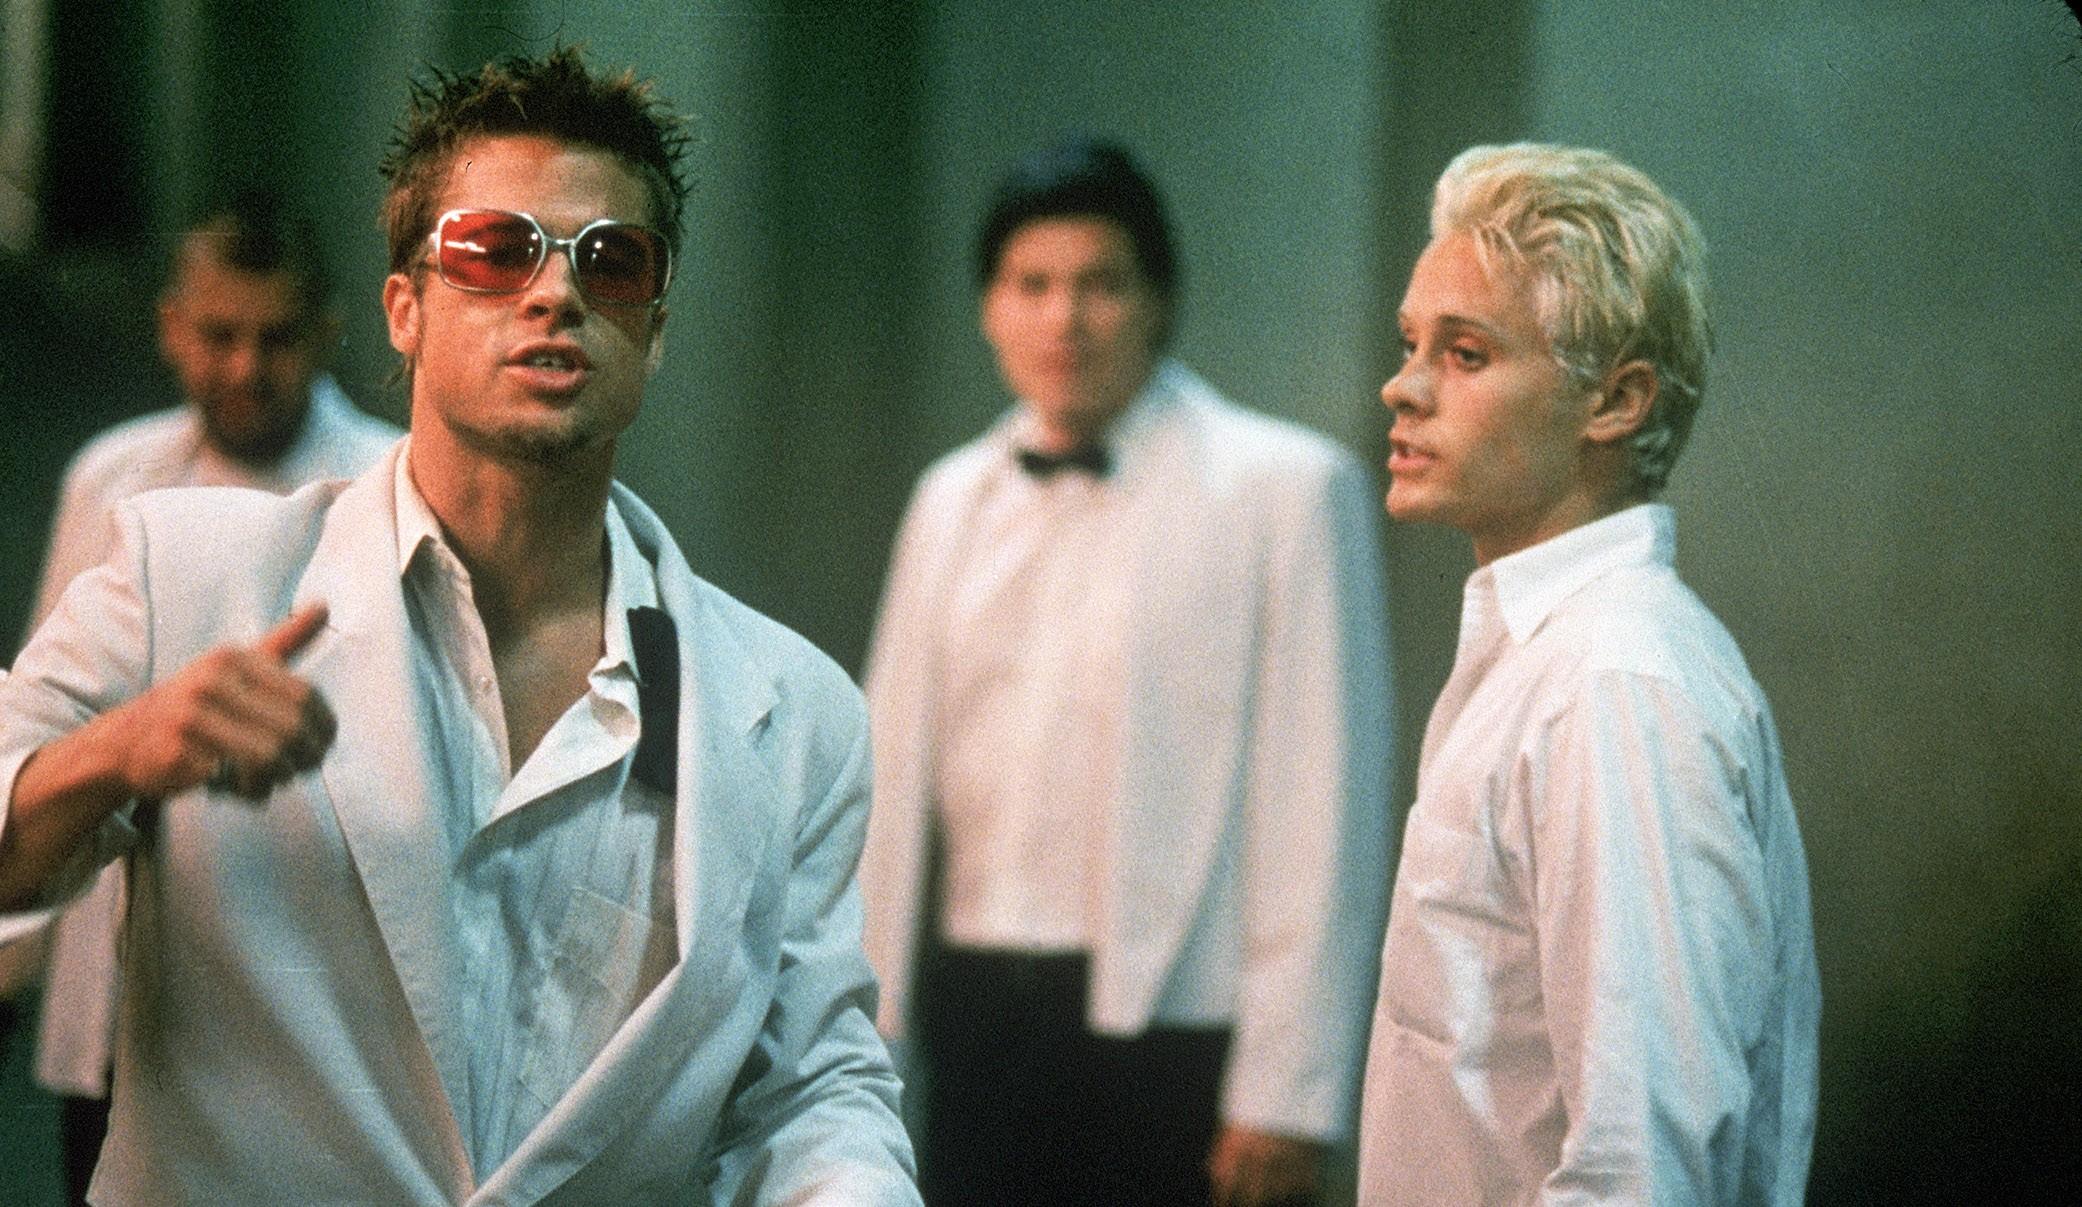 Film fan deletes Brad Pitt's Tyler Durden from Fight Club